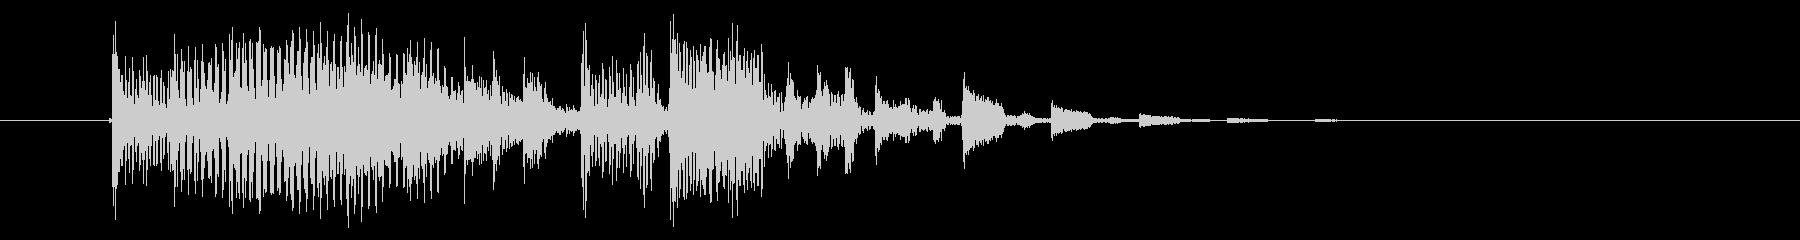 明るいテクノ風のジングル曲、サウンドロゴの未再生の波形